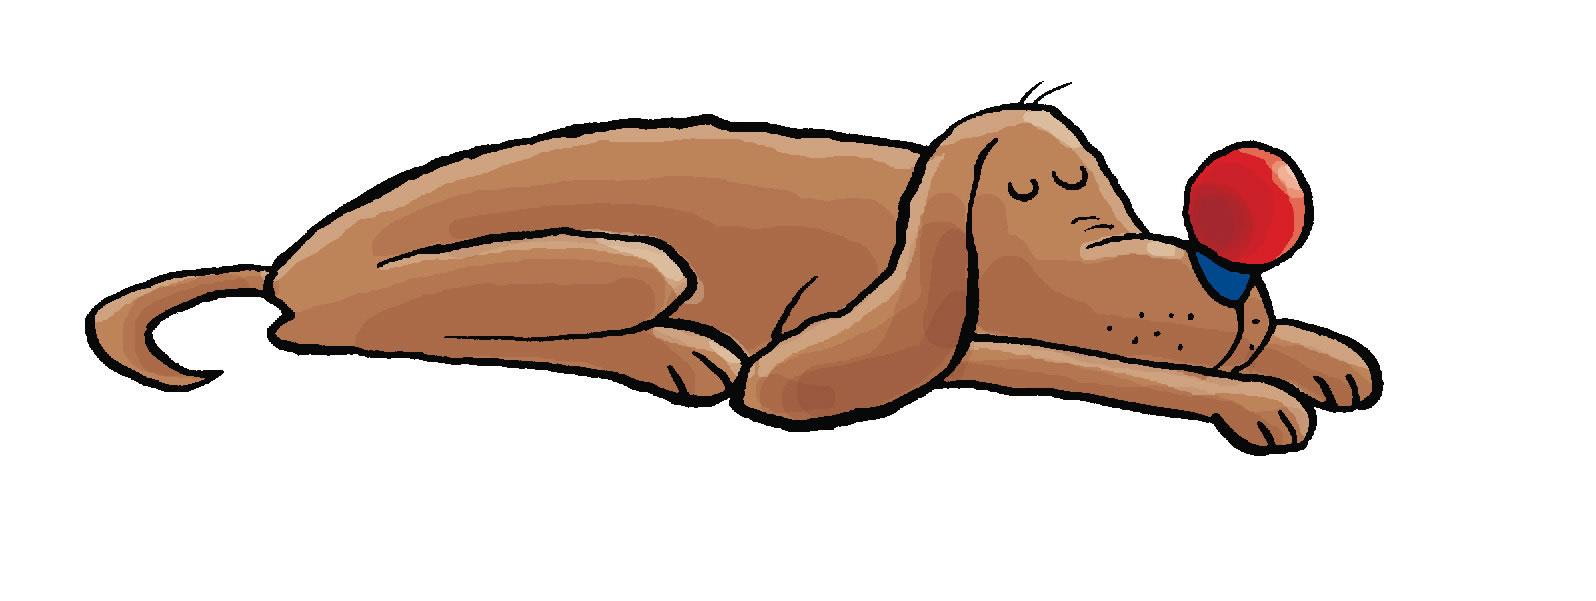 Christmas dog clip art clipart.